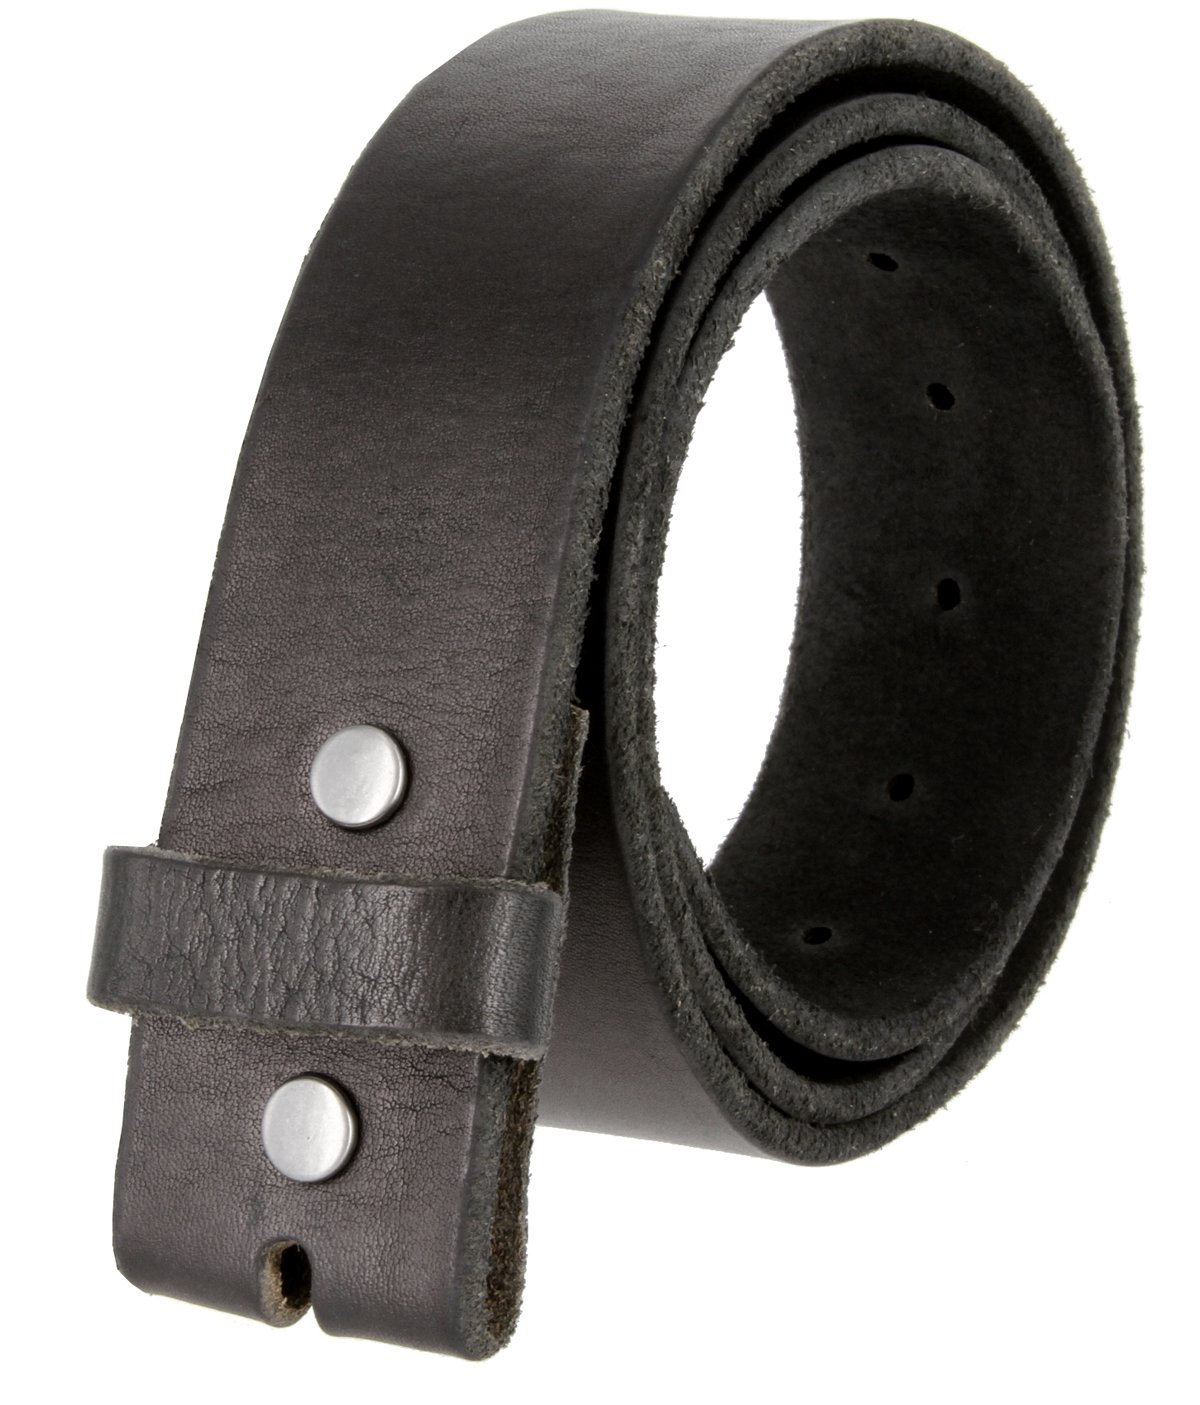 BS-40 Women's Vintage Style Full Grain Leather 1-1/2'' Wide Belt Strap (Black, 32)